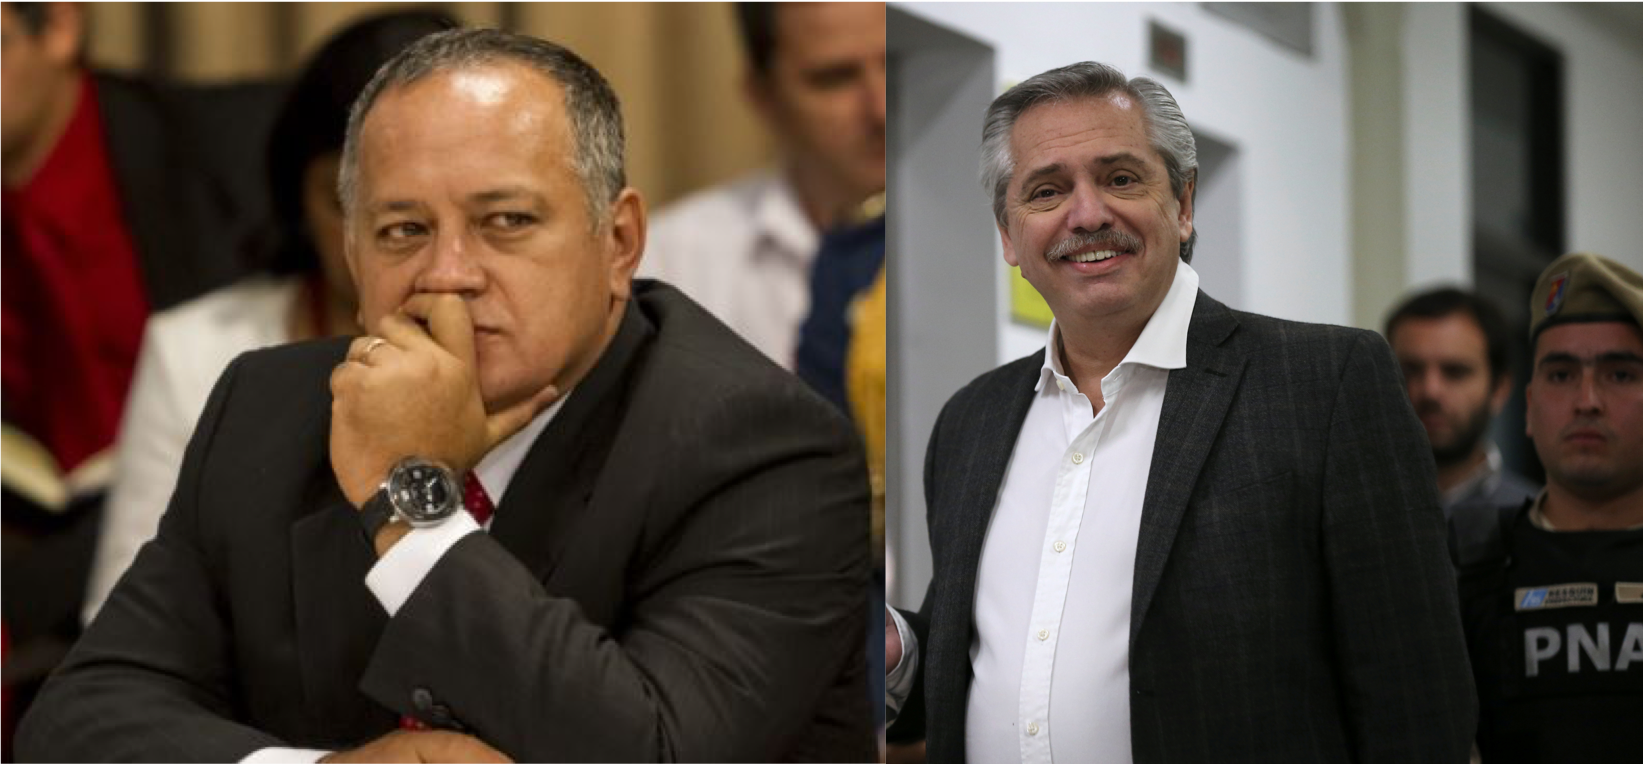 Dura advertencia de Diosdado Cabello al candidato del Kirchnerismo en Argentina